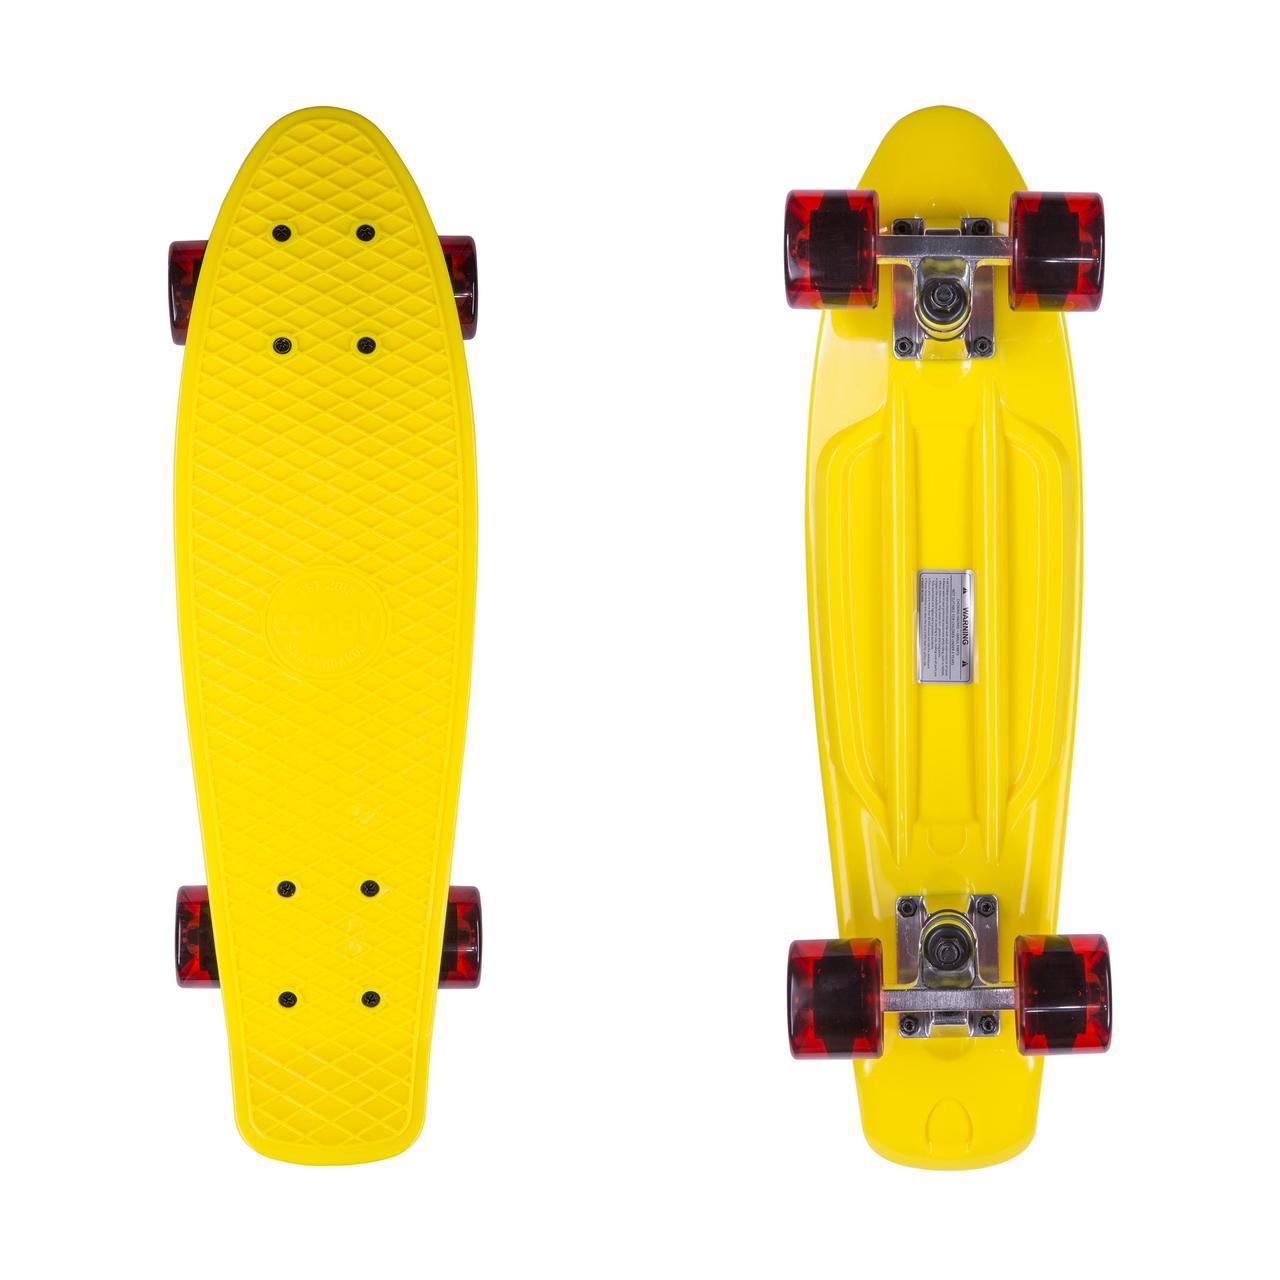 Пенниборд Candy 22″ Yellow/Tr.Red